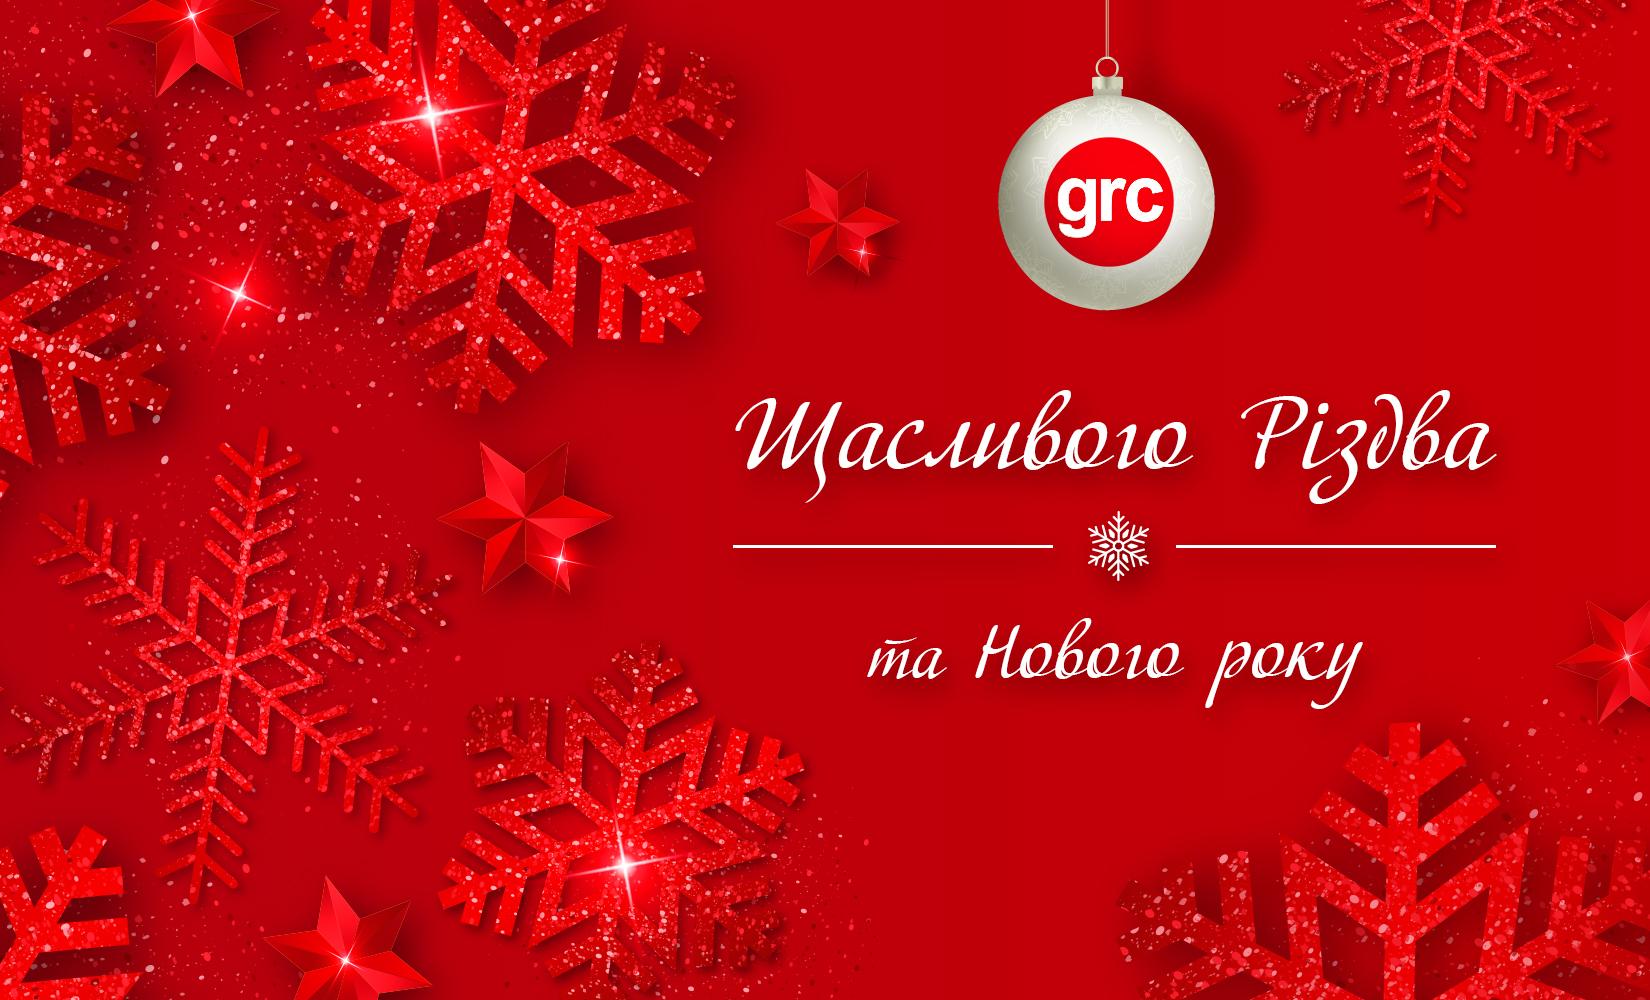 Вітаємо з Різдвом Христовим та Новим 2020 роком!